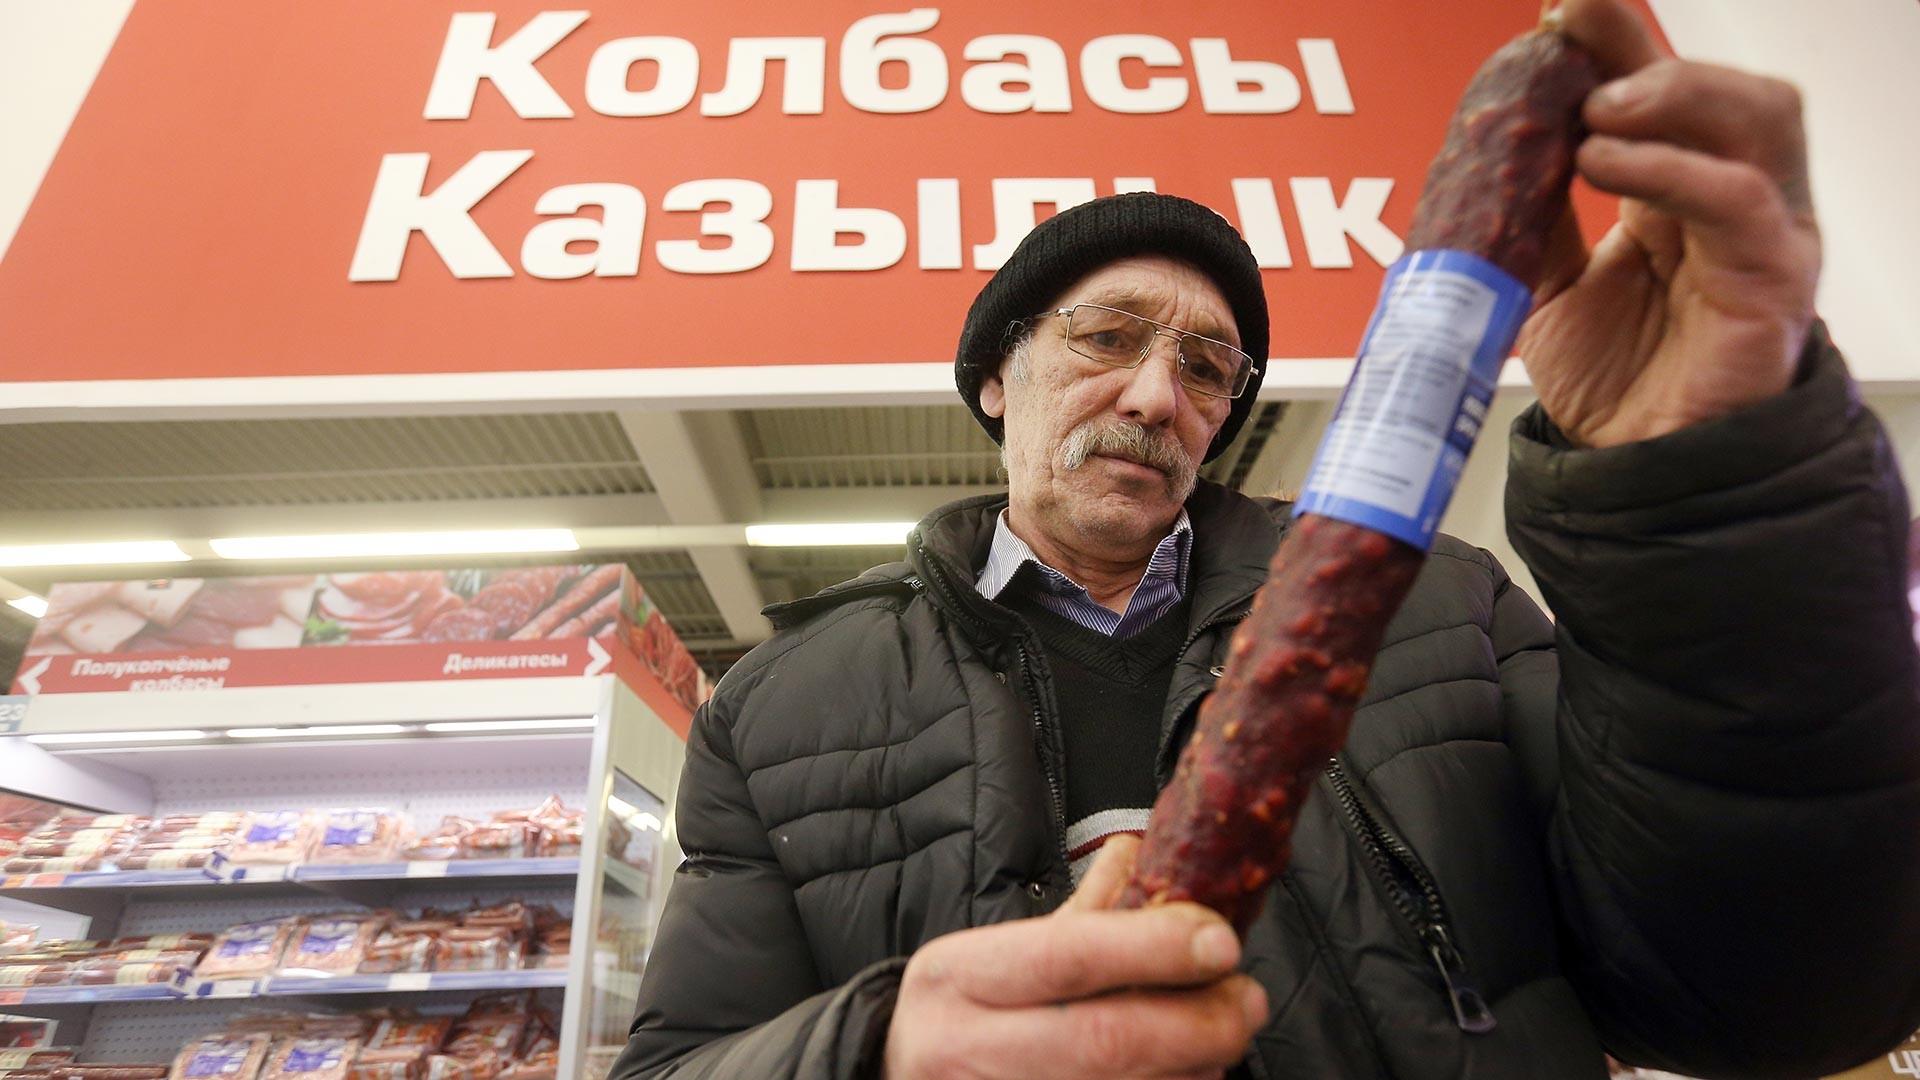 Dans un magasin de Kazan, il est écrit